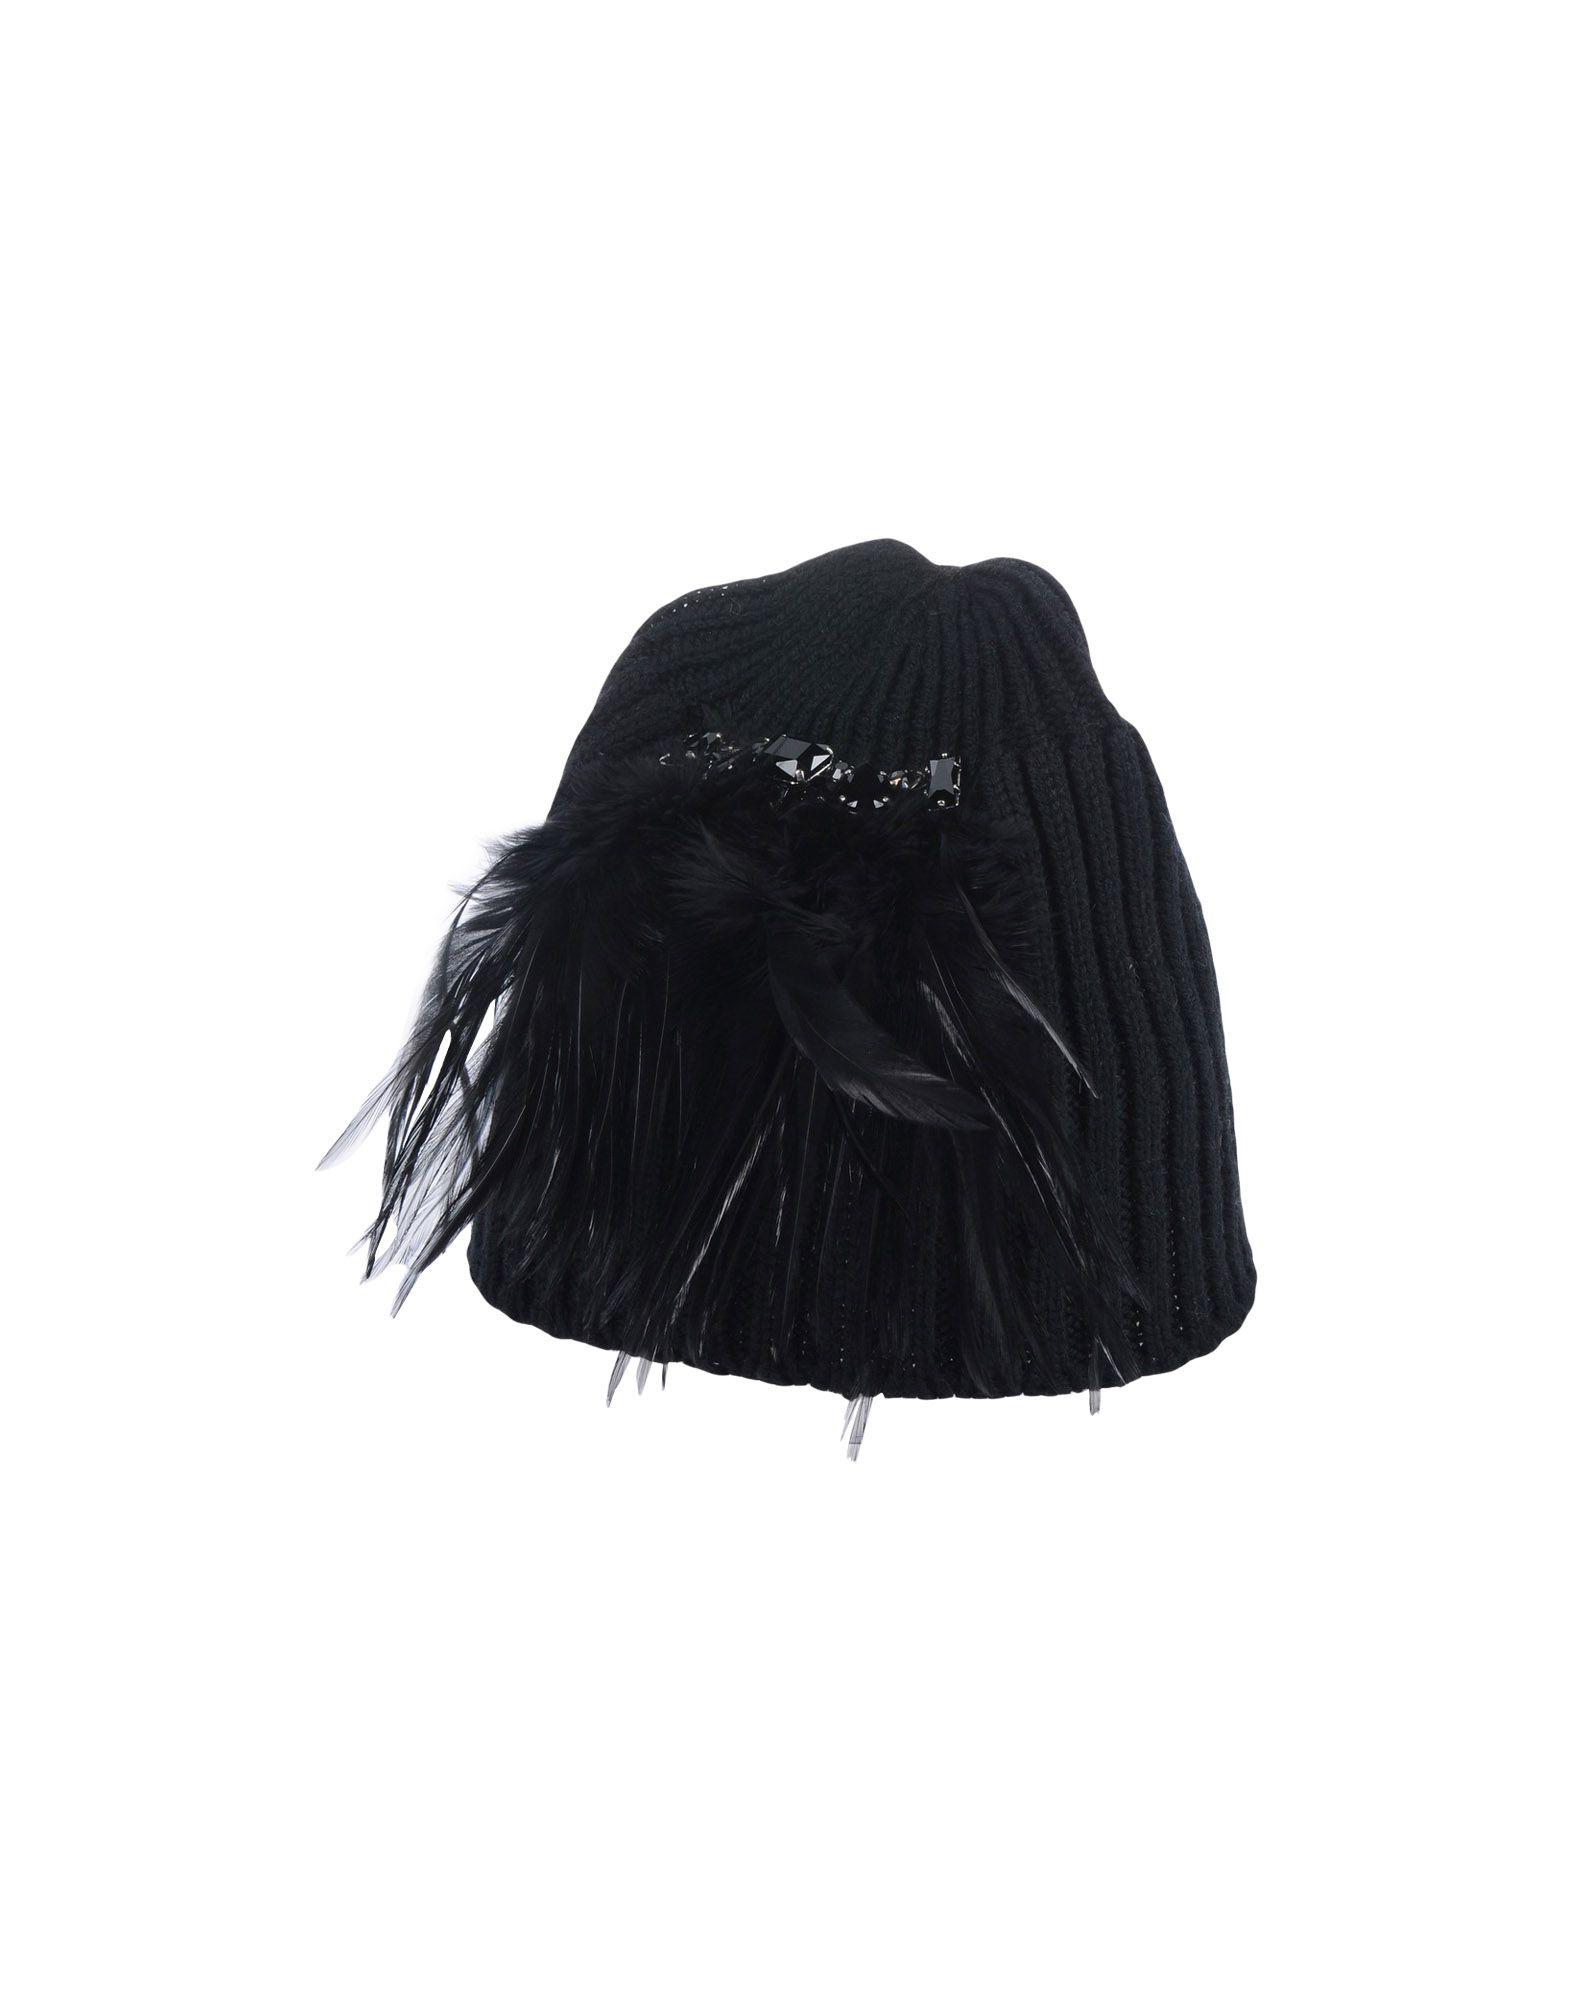 RADA' Головной убор платье barbara bettoni vienna цвет мятный bb153 размер xl 50